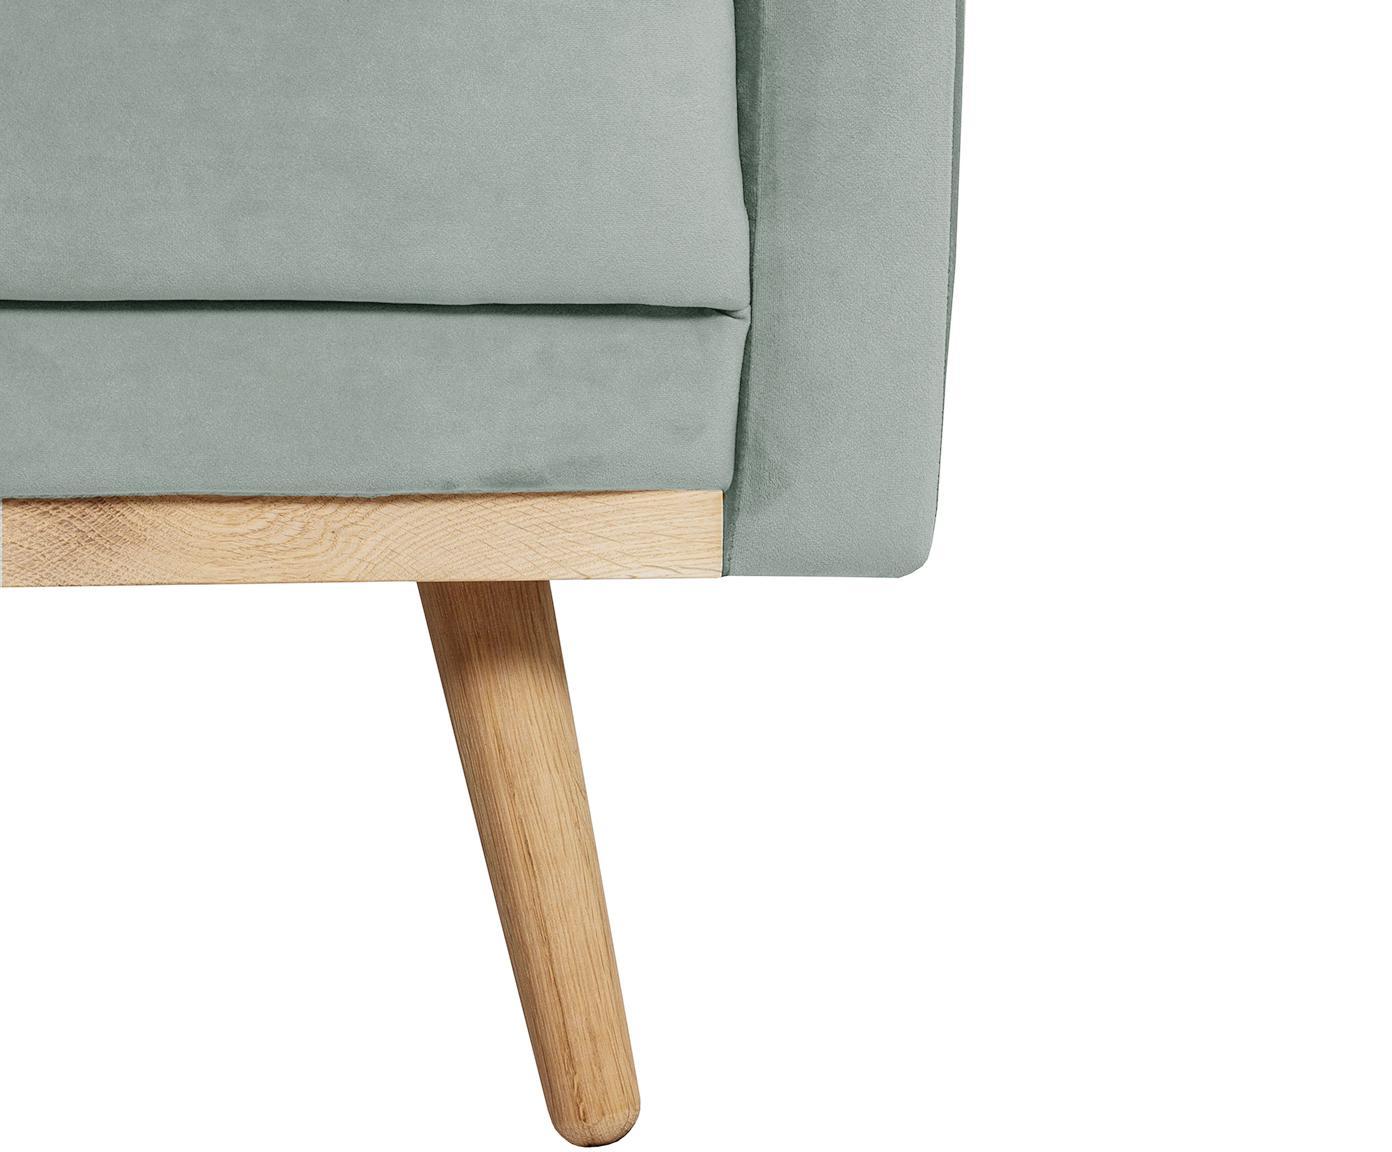 Samt-Ecksofa Saint (3-Sitzer), Bezug: Samt (Polyester) Der hoch, Gestell: Massives Eichenholz, Span, Samt Salbeifarben, B 243 x T 220 cm